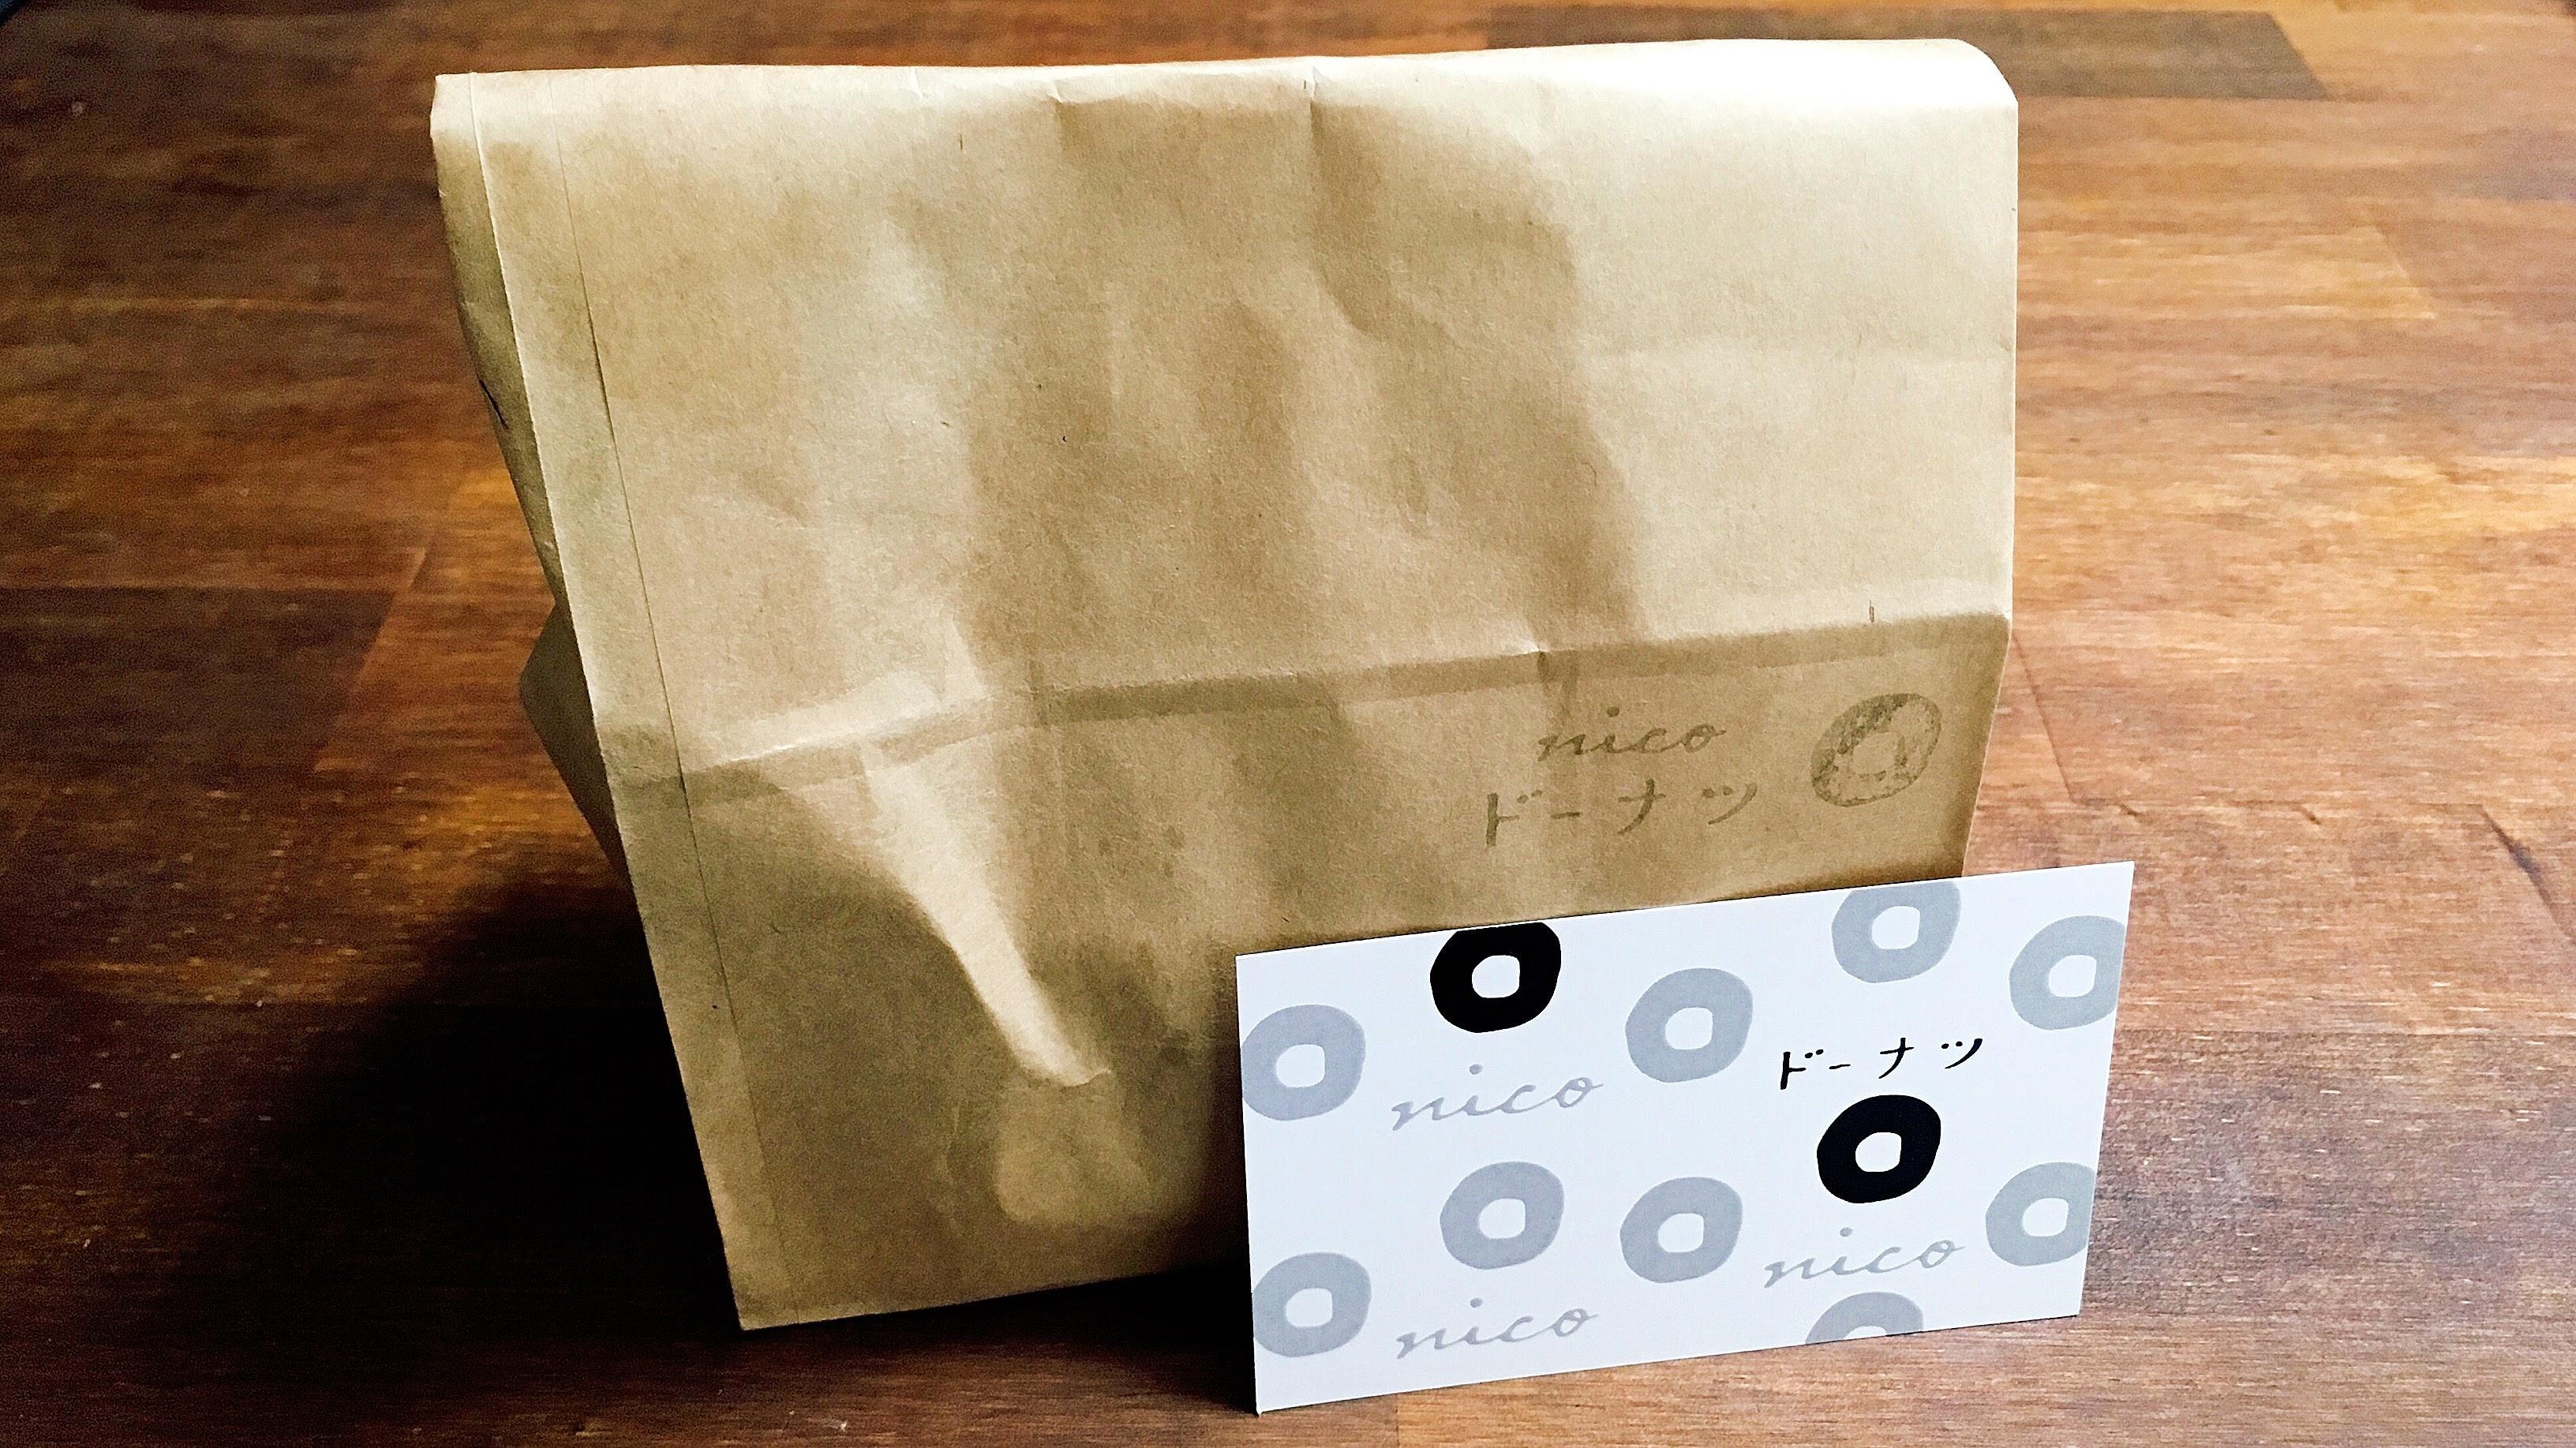 nicoドーナツのショップ袋の写真